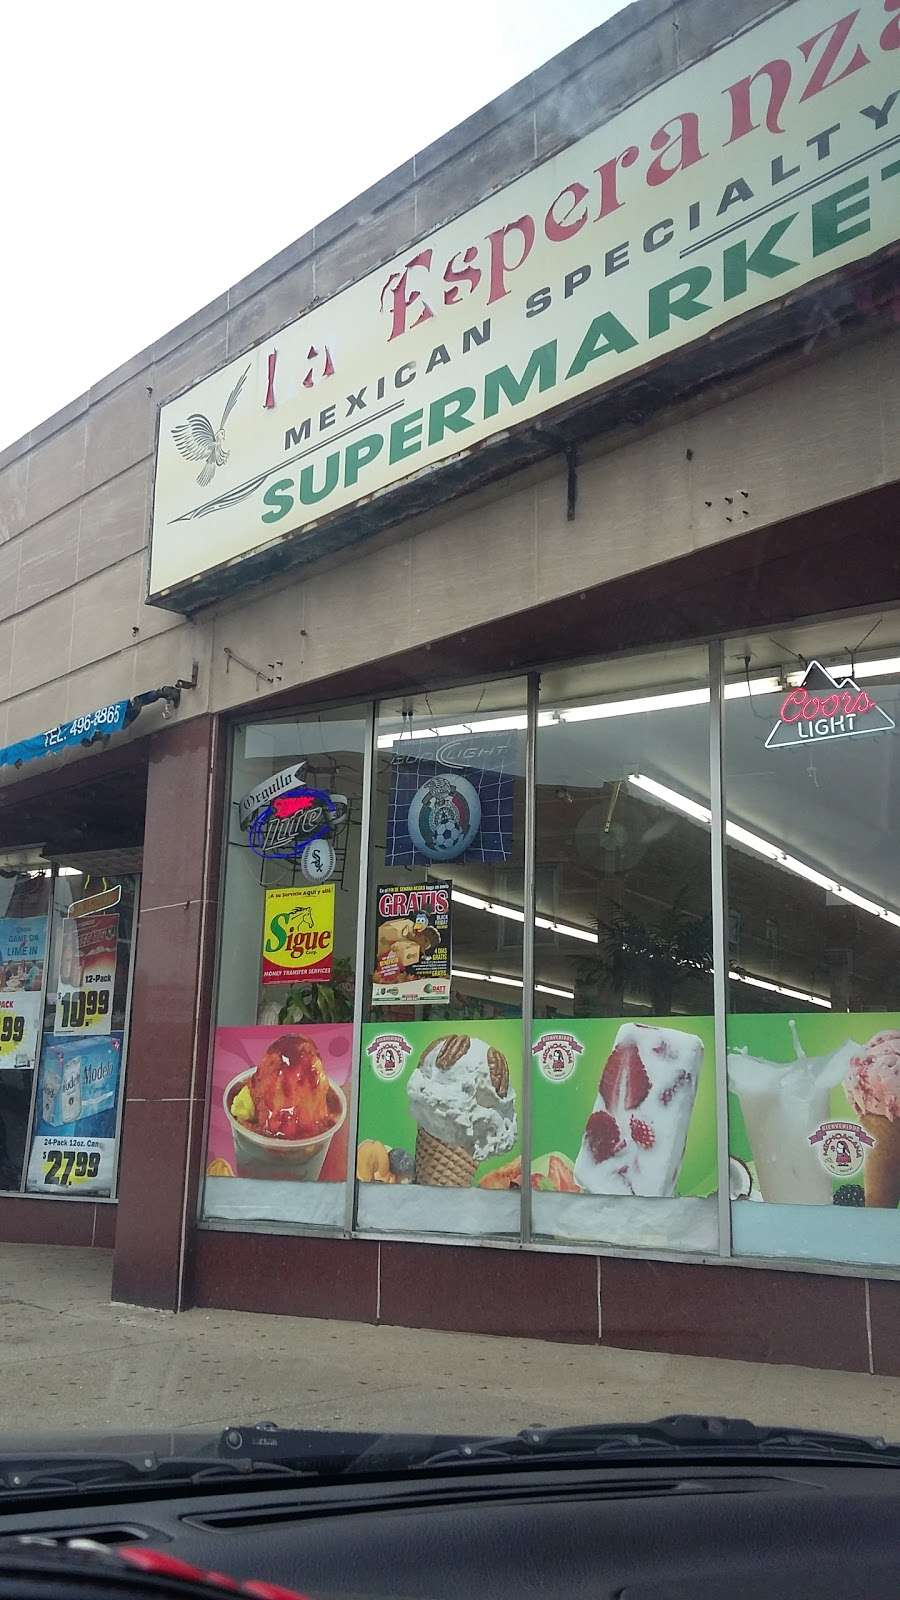 La Esperanza Grocery - store  | Photo 1 of 5 | Address: 6143 S Archer Rd, Summit, IL 60501, USA | Phone: (708) 496-8865